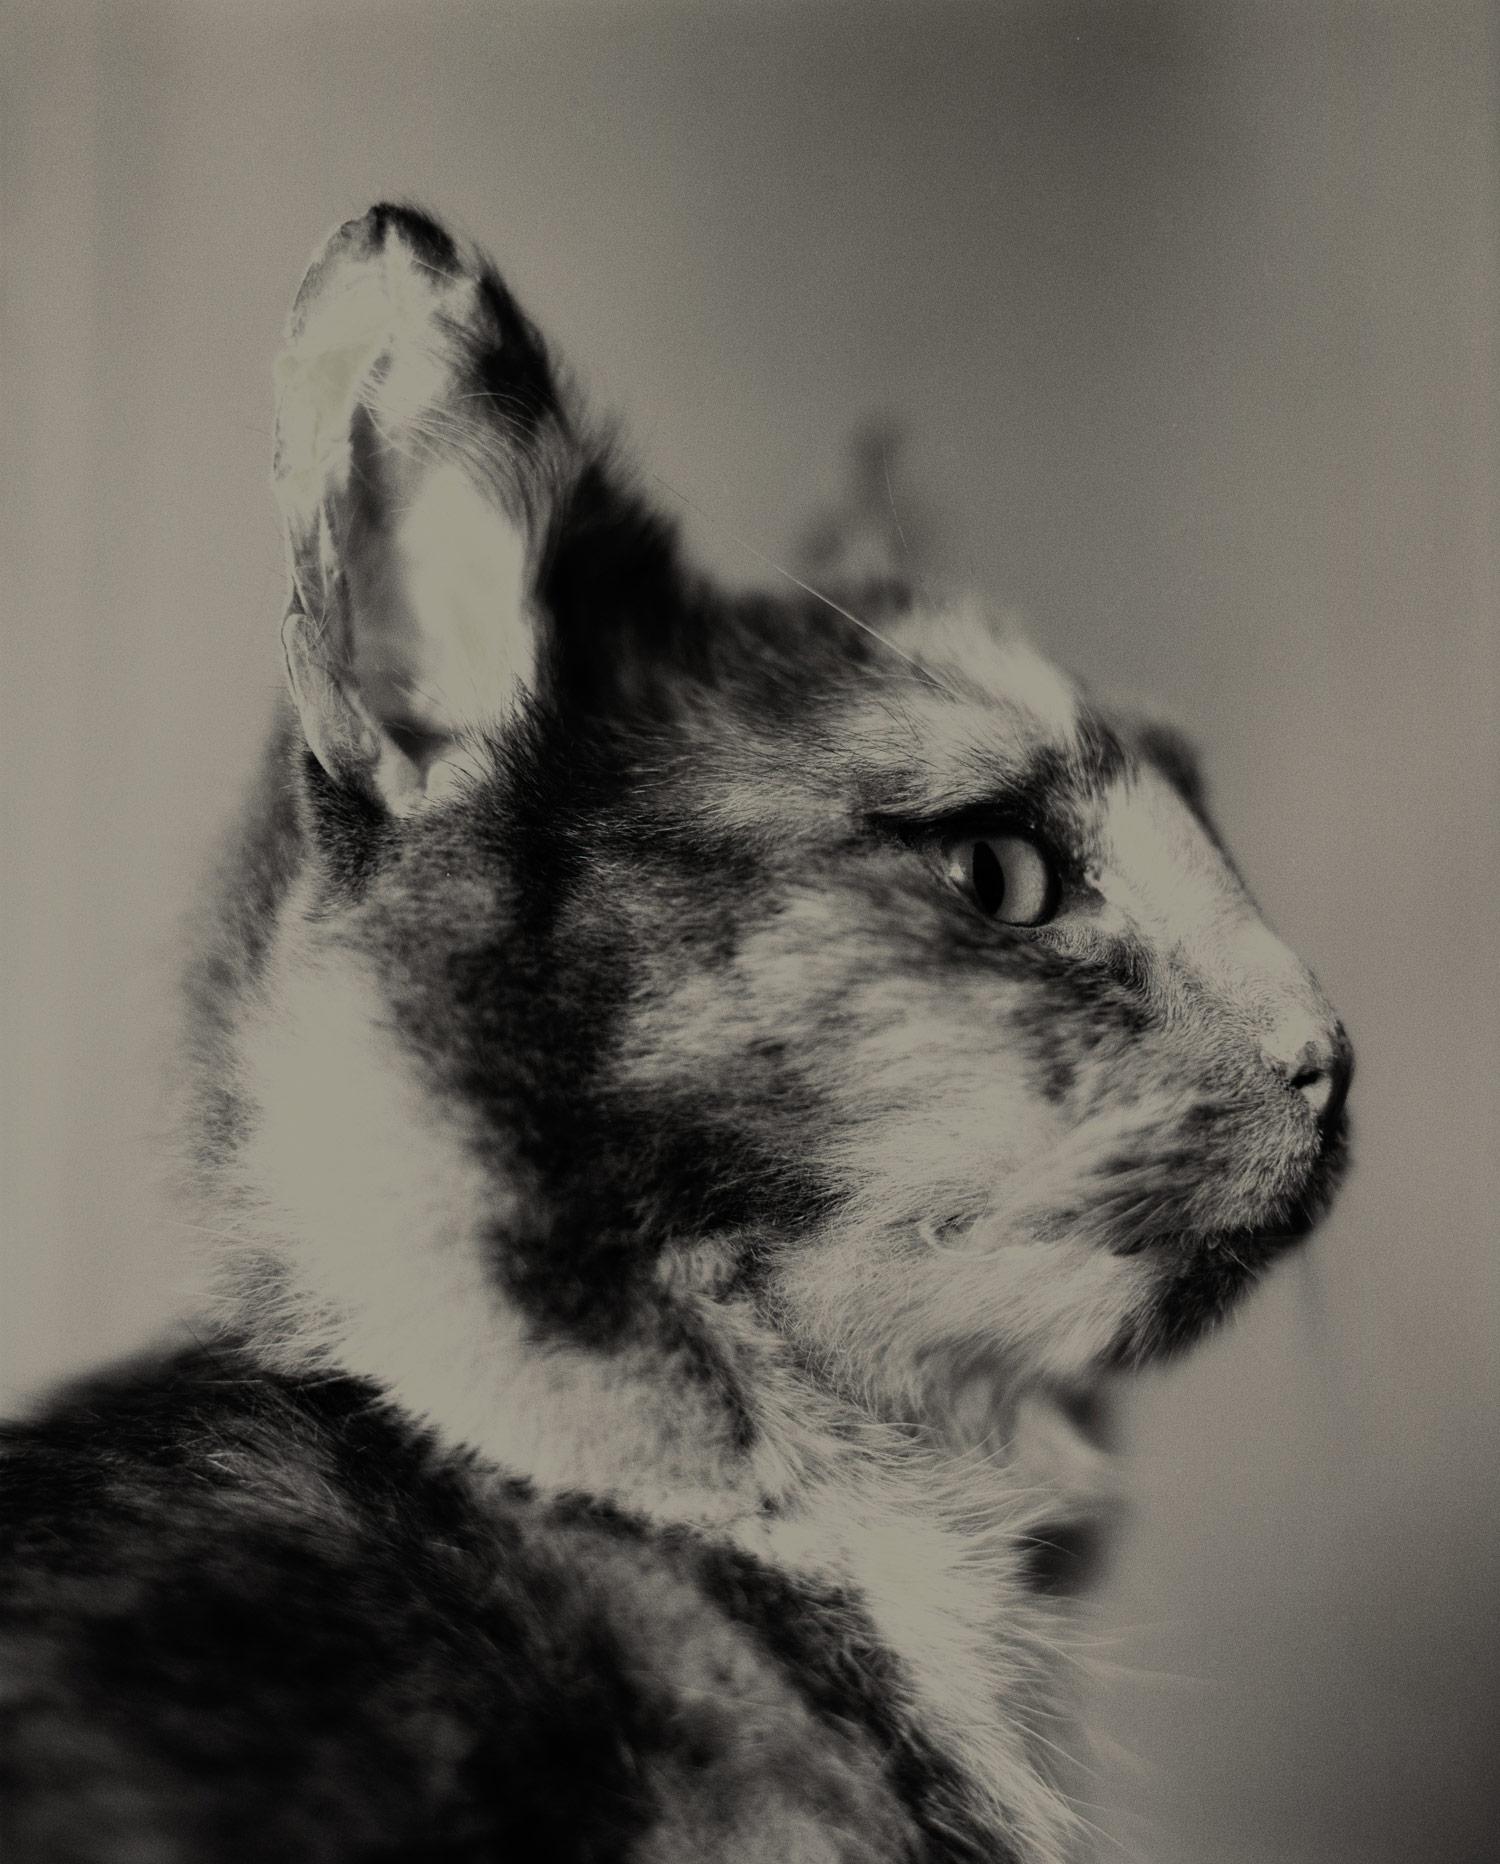 090919_taxi-cat_A1-16.jpg